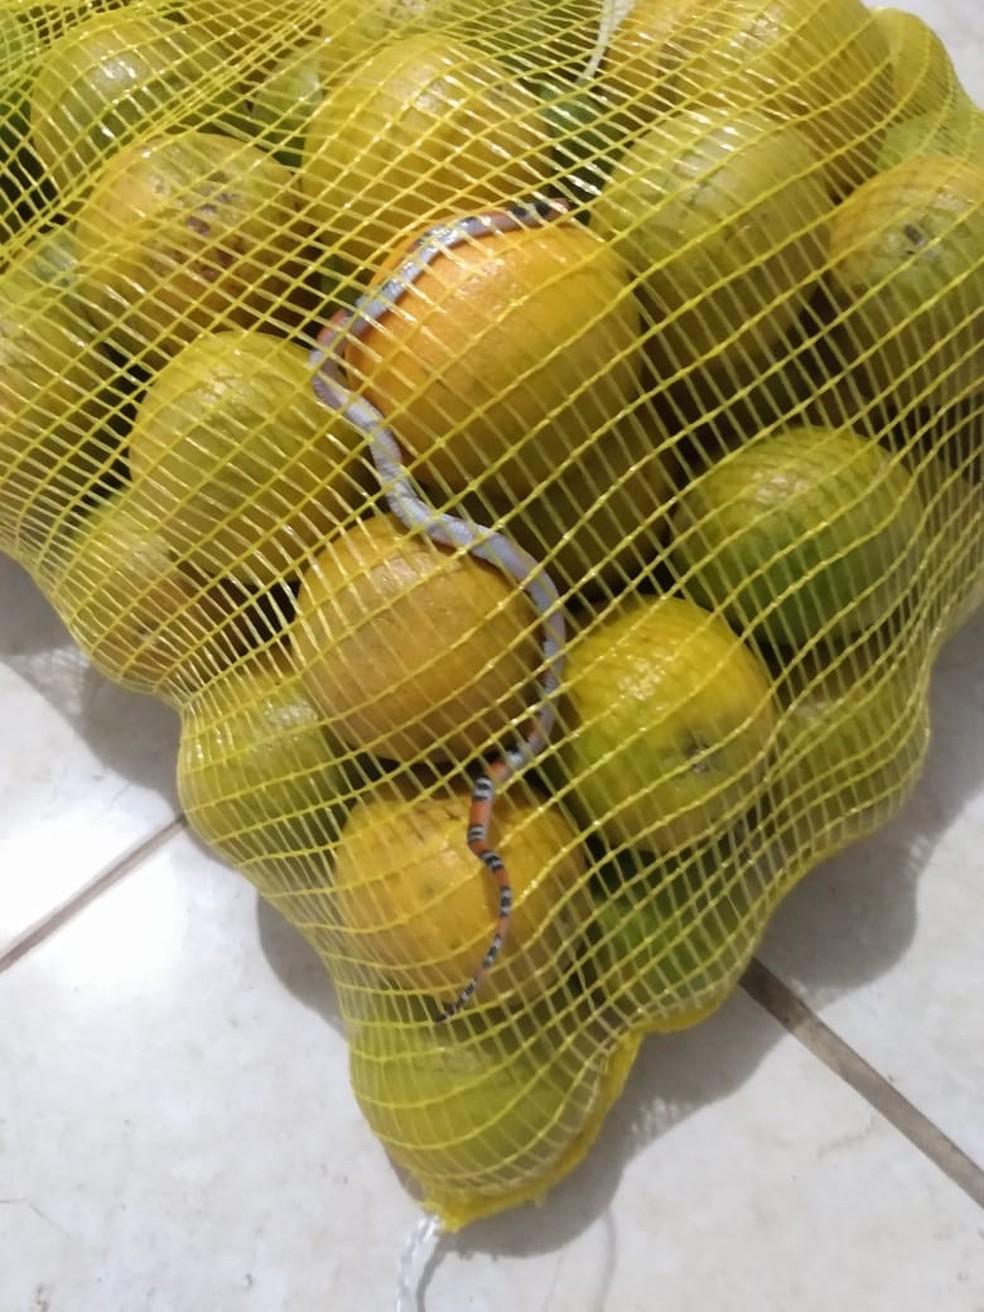 Consumidora de Mogi das Cruzes afirma ter encontrado cobra em saco de laranja — Foto: Lorene Lourenço/ Arquivo Pessoal